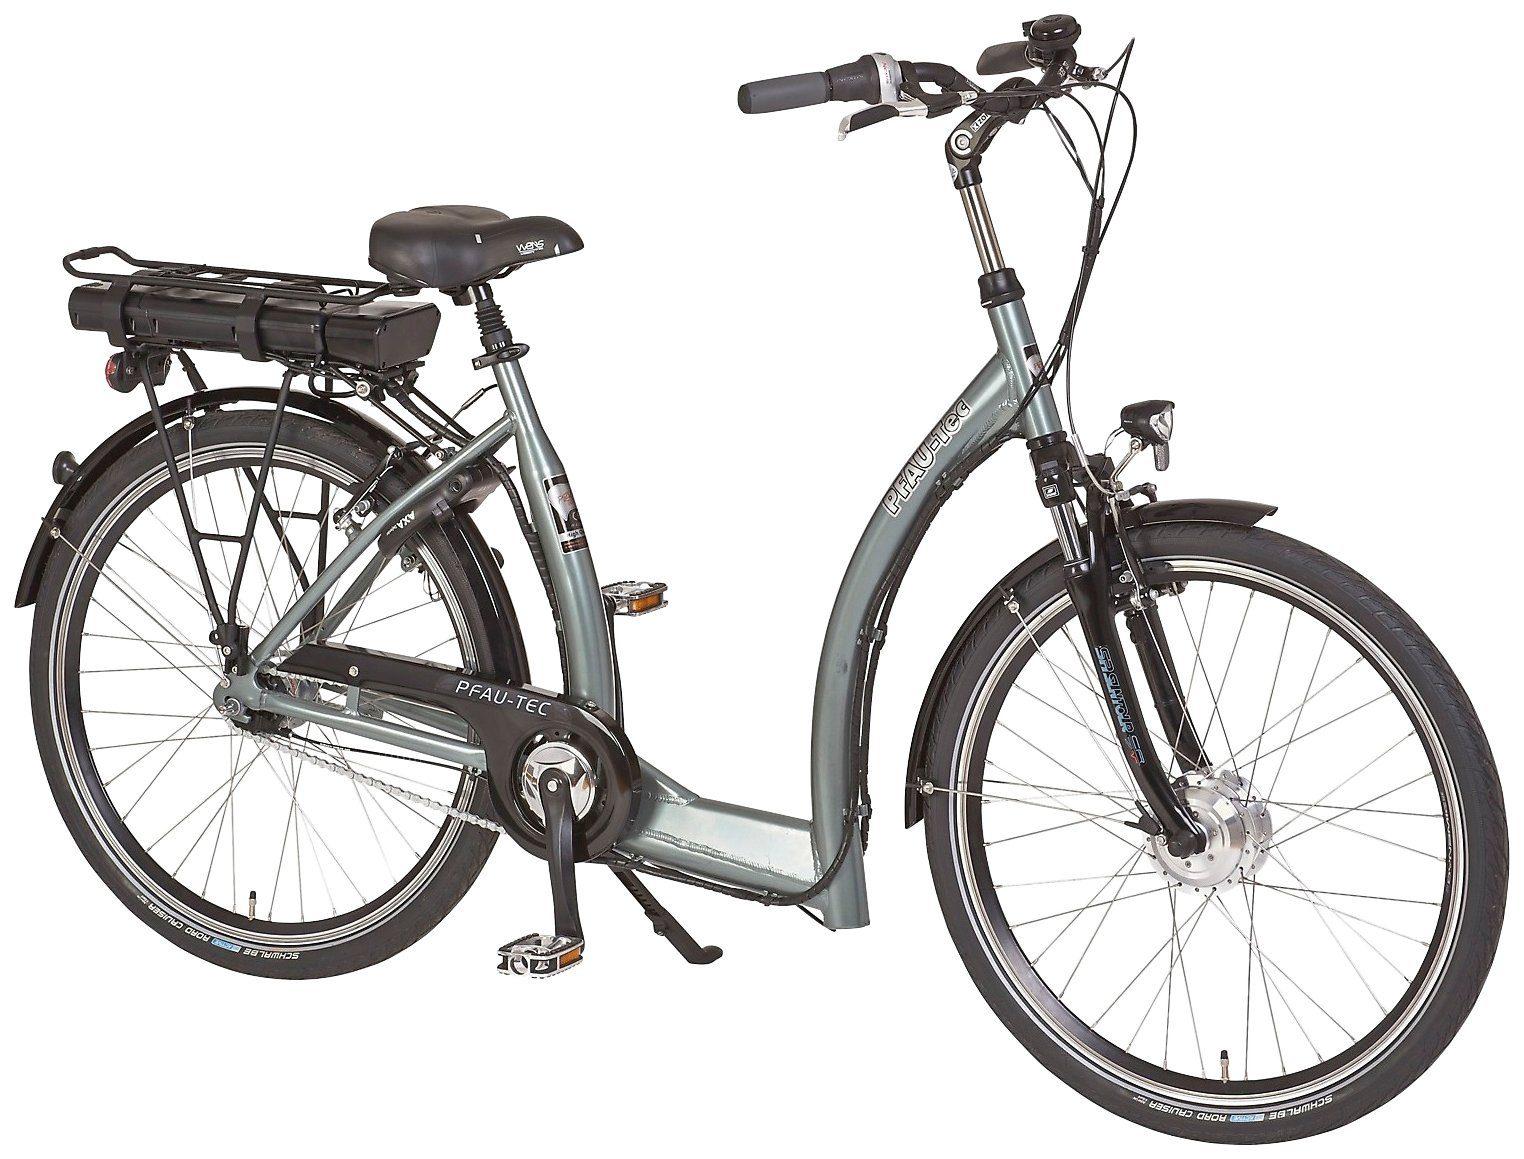 PFAUTEC E-Bike City »S3 3G«, 26 Zoll, 3 Gang, Frontmotor, 250 W